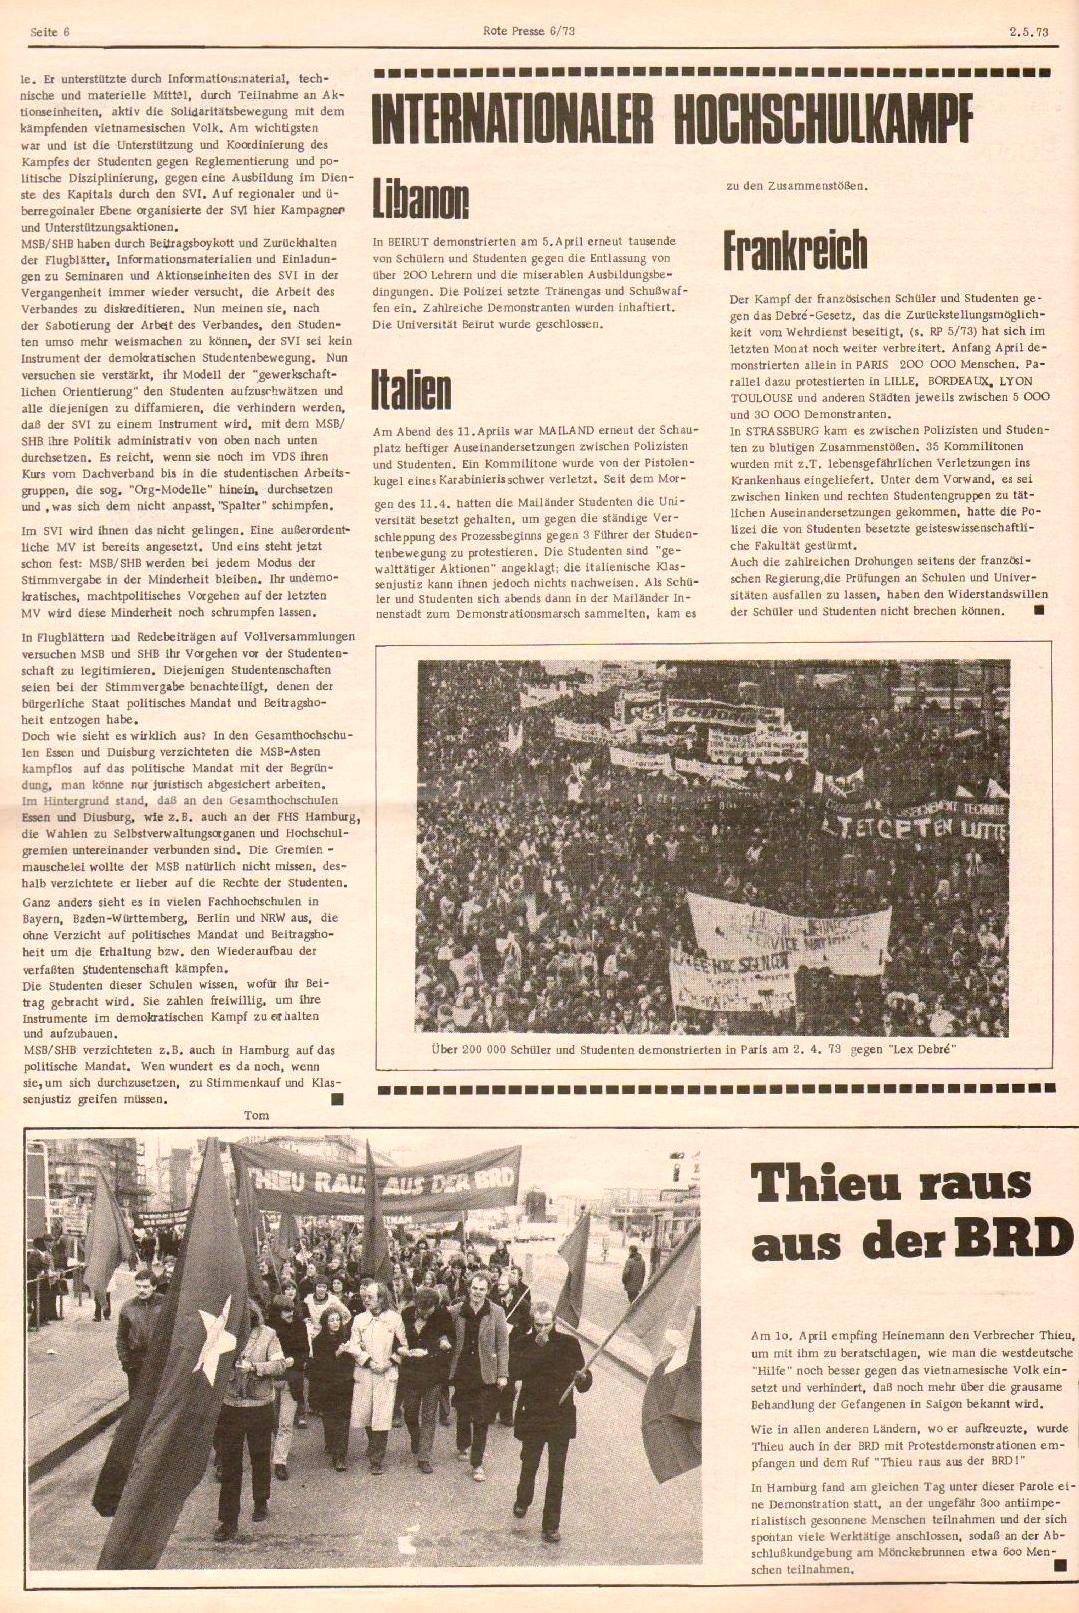 Hamburg_Rote_Presse174